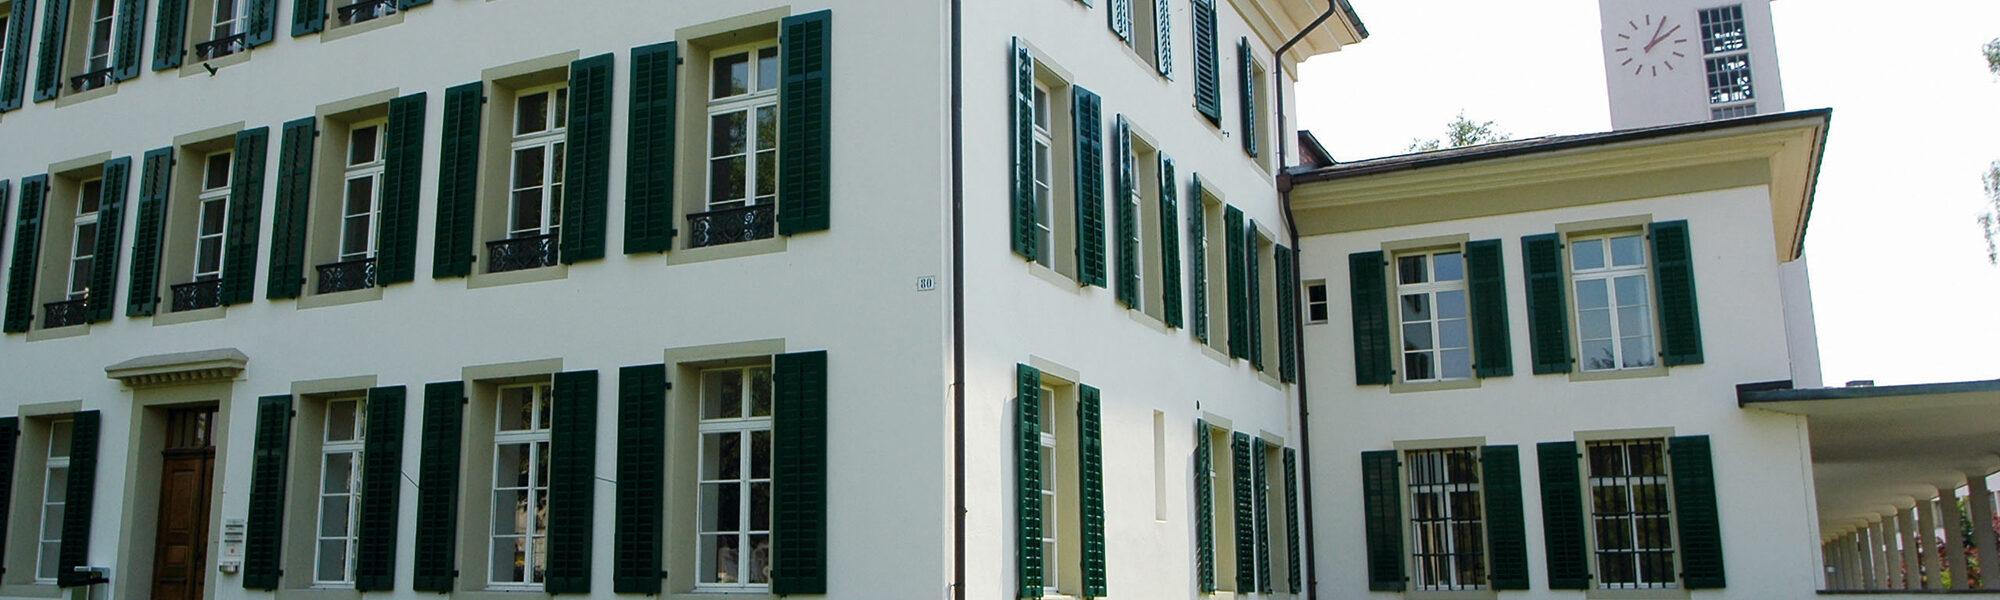 Meyer-Feer-Gut und Katholische Kirche